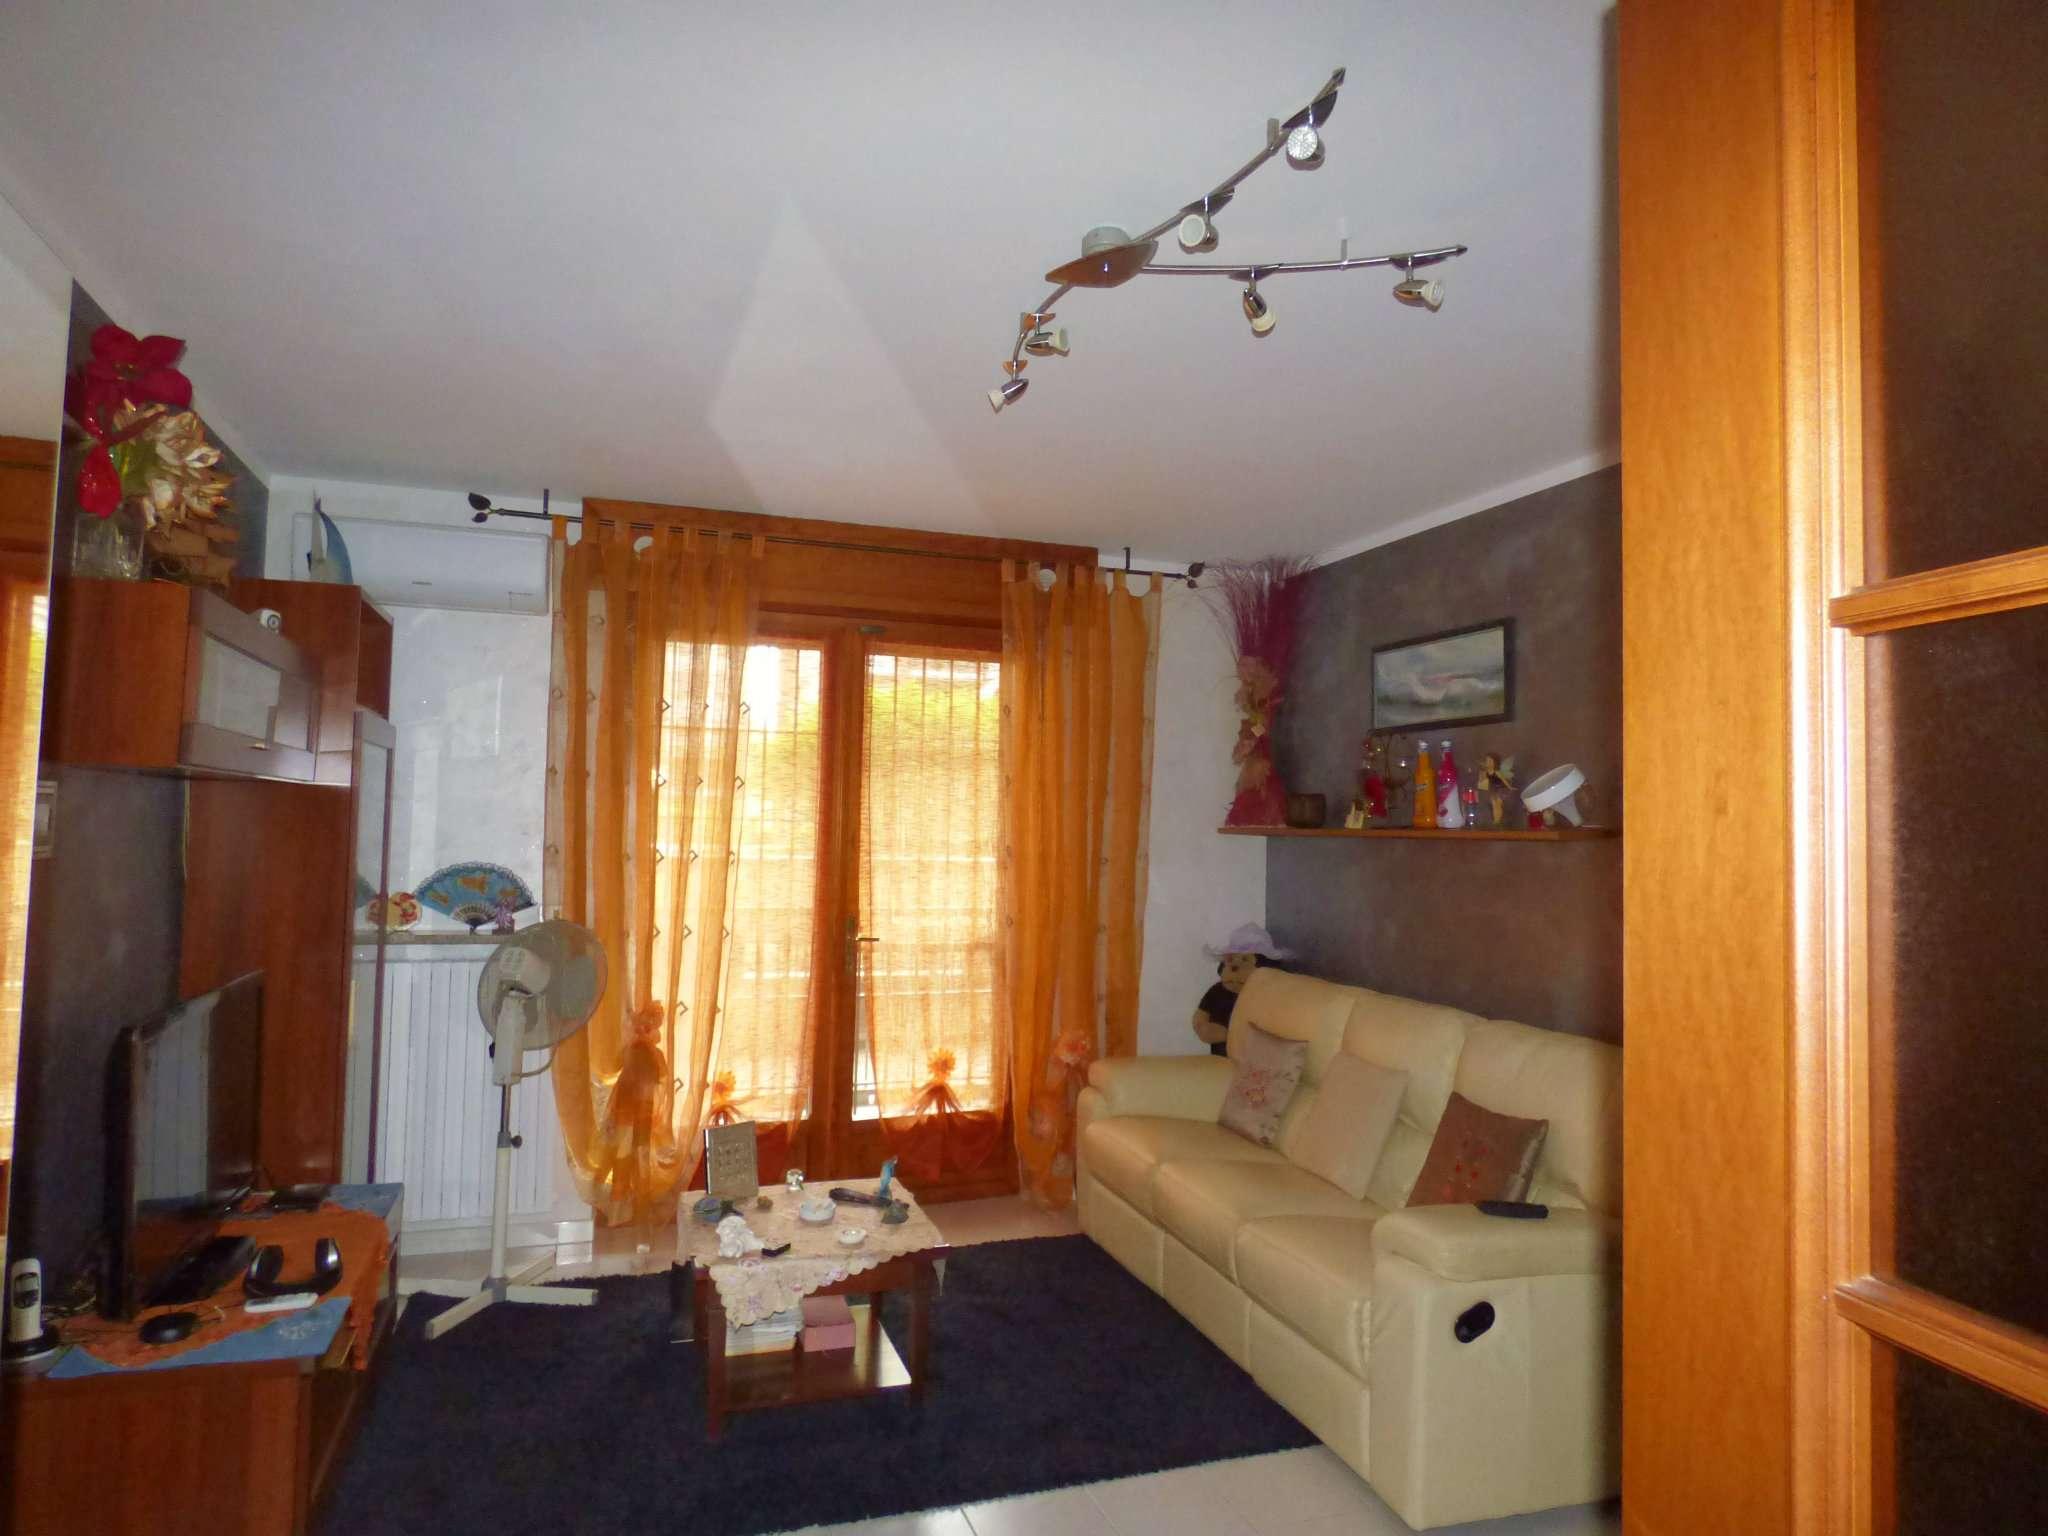 Appartamento in vendita a Borgaro Torinese, 4 locali, prezzo € 165.000 | CambioCasa.it